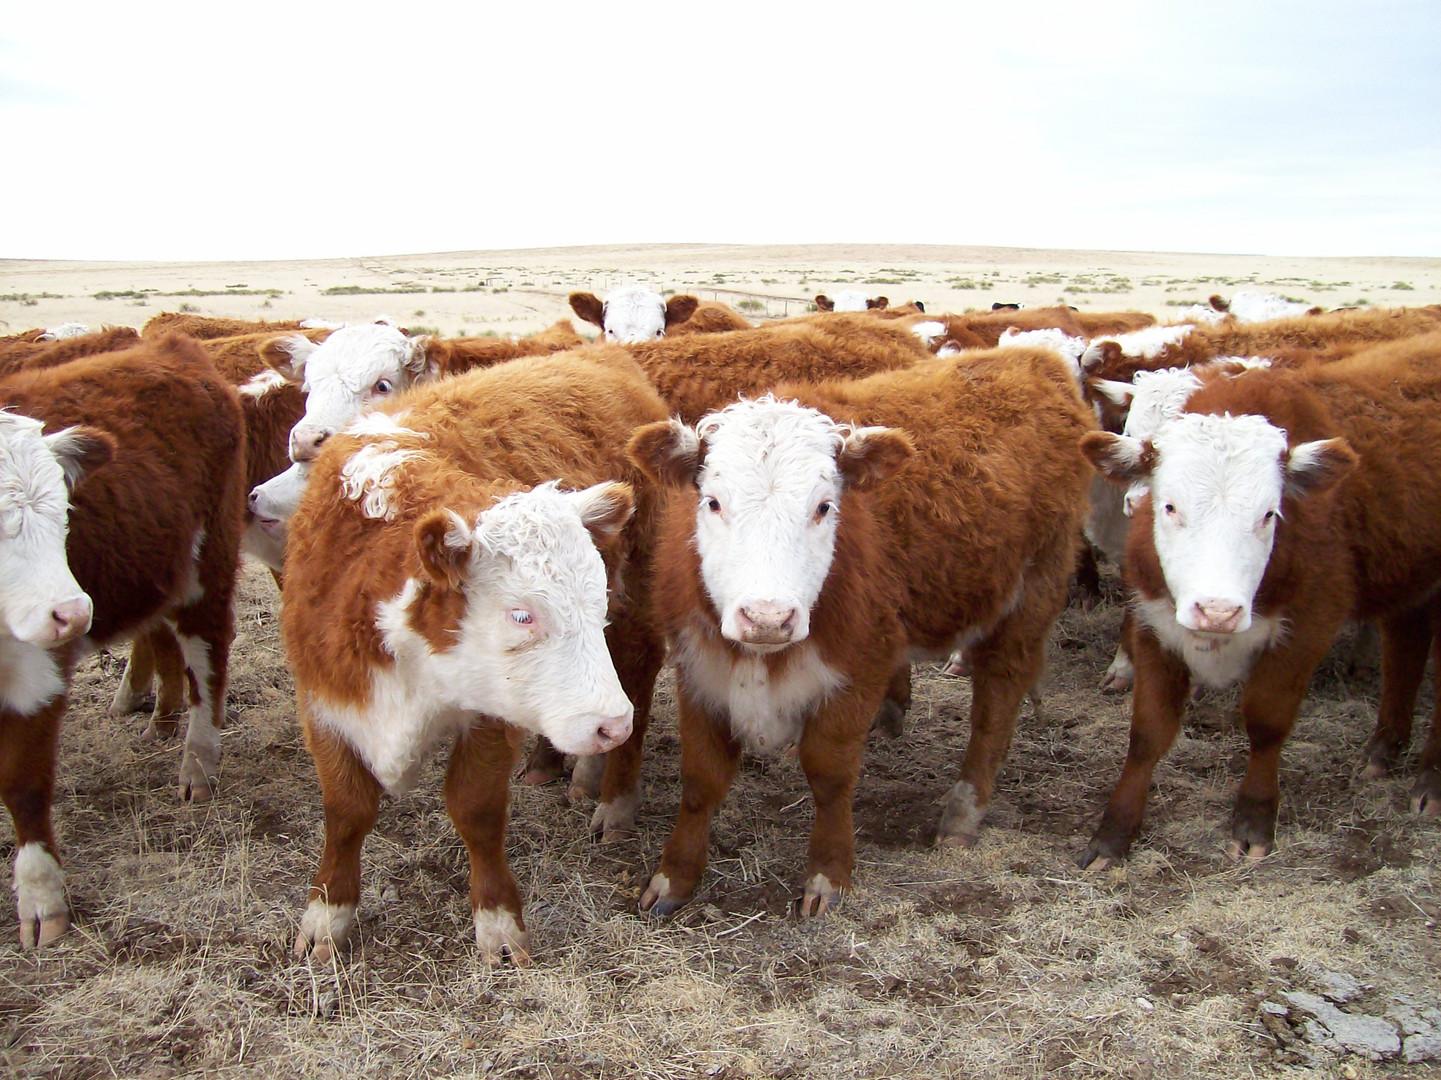 Sneed-Pool Cattle herd 2017